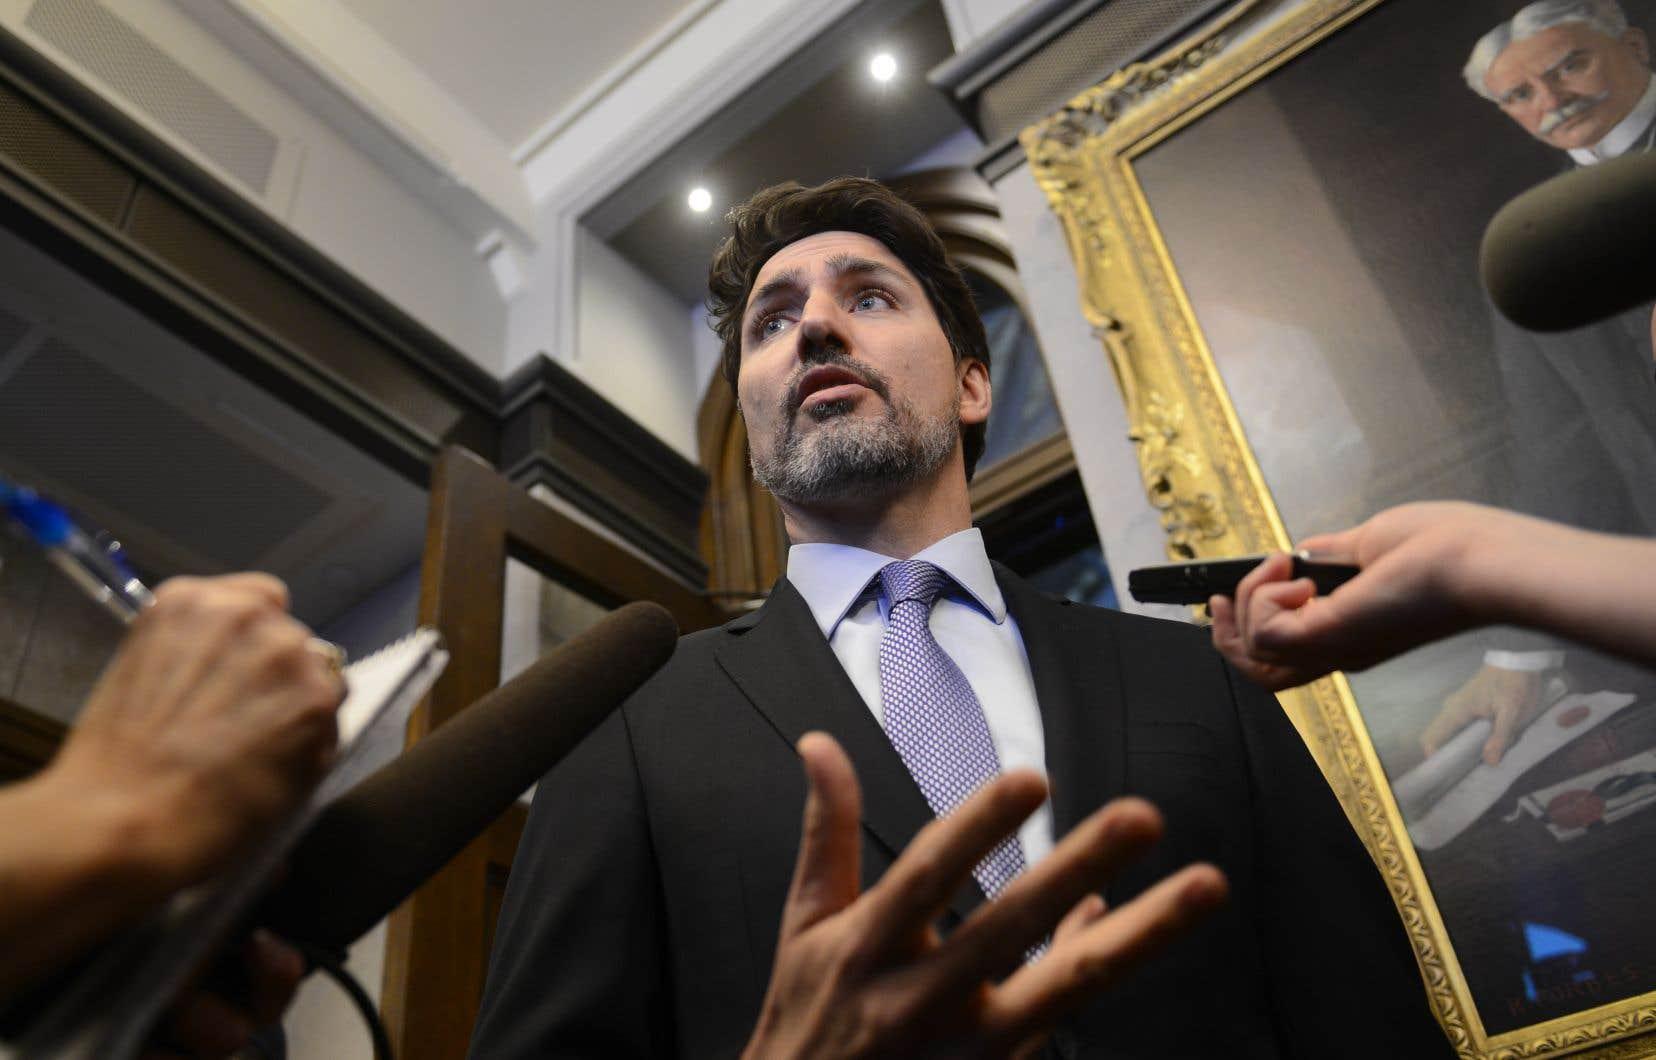 JustinTrudeau était en Afrique au début de la crise, menant campagne pour obtenir un siège au Conseil de sécurité de l'ONU. Son absence a nourri la perception que le gouvernement fédéral n'était pas au fait de la situation.